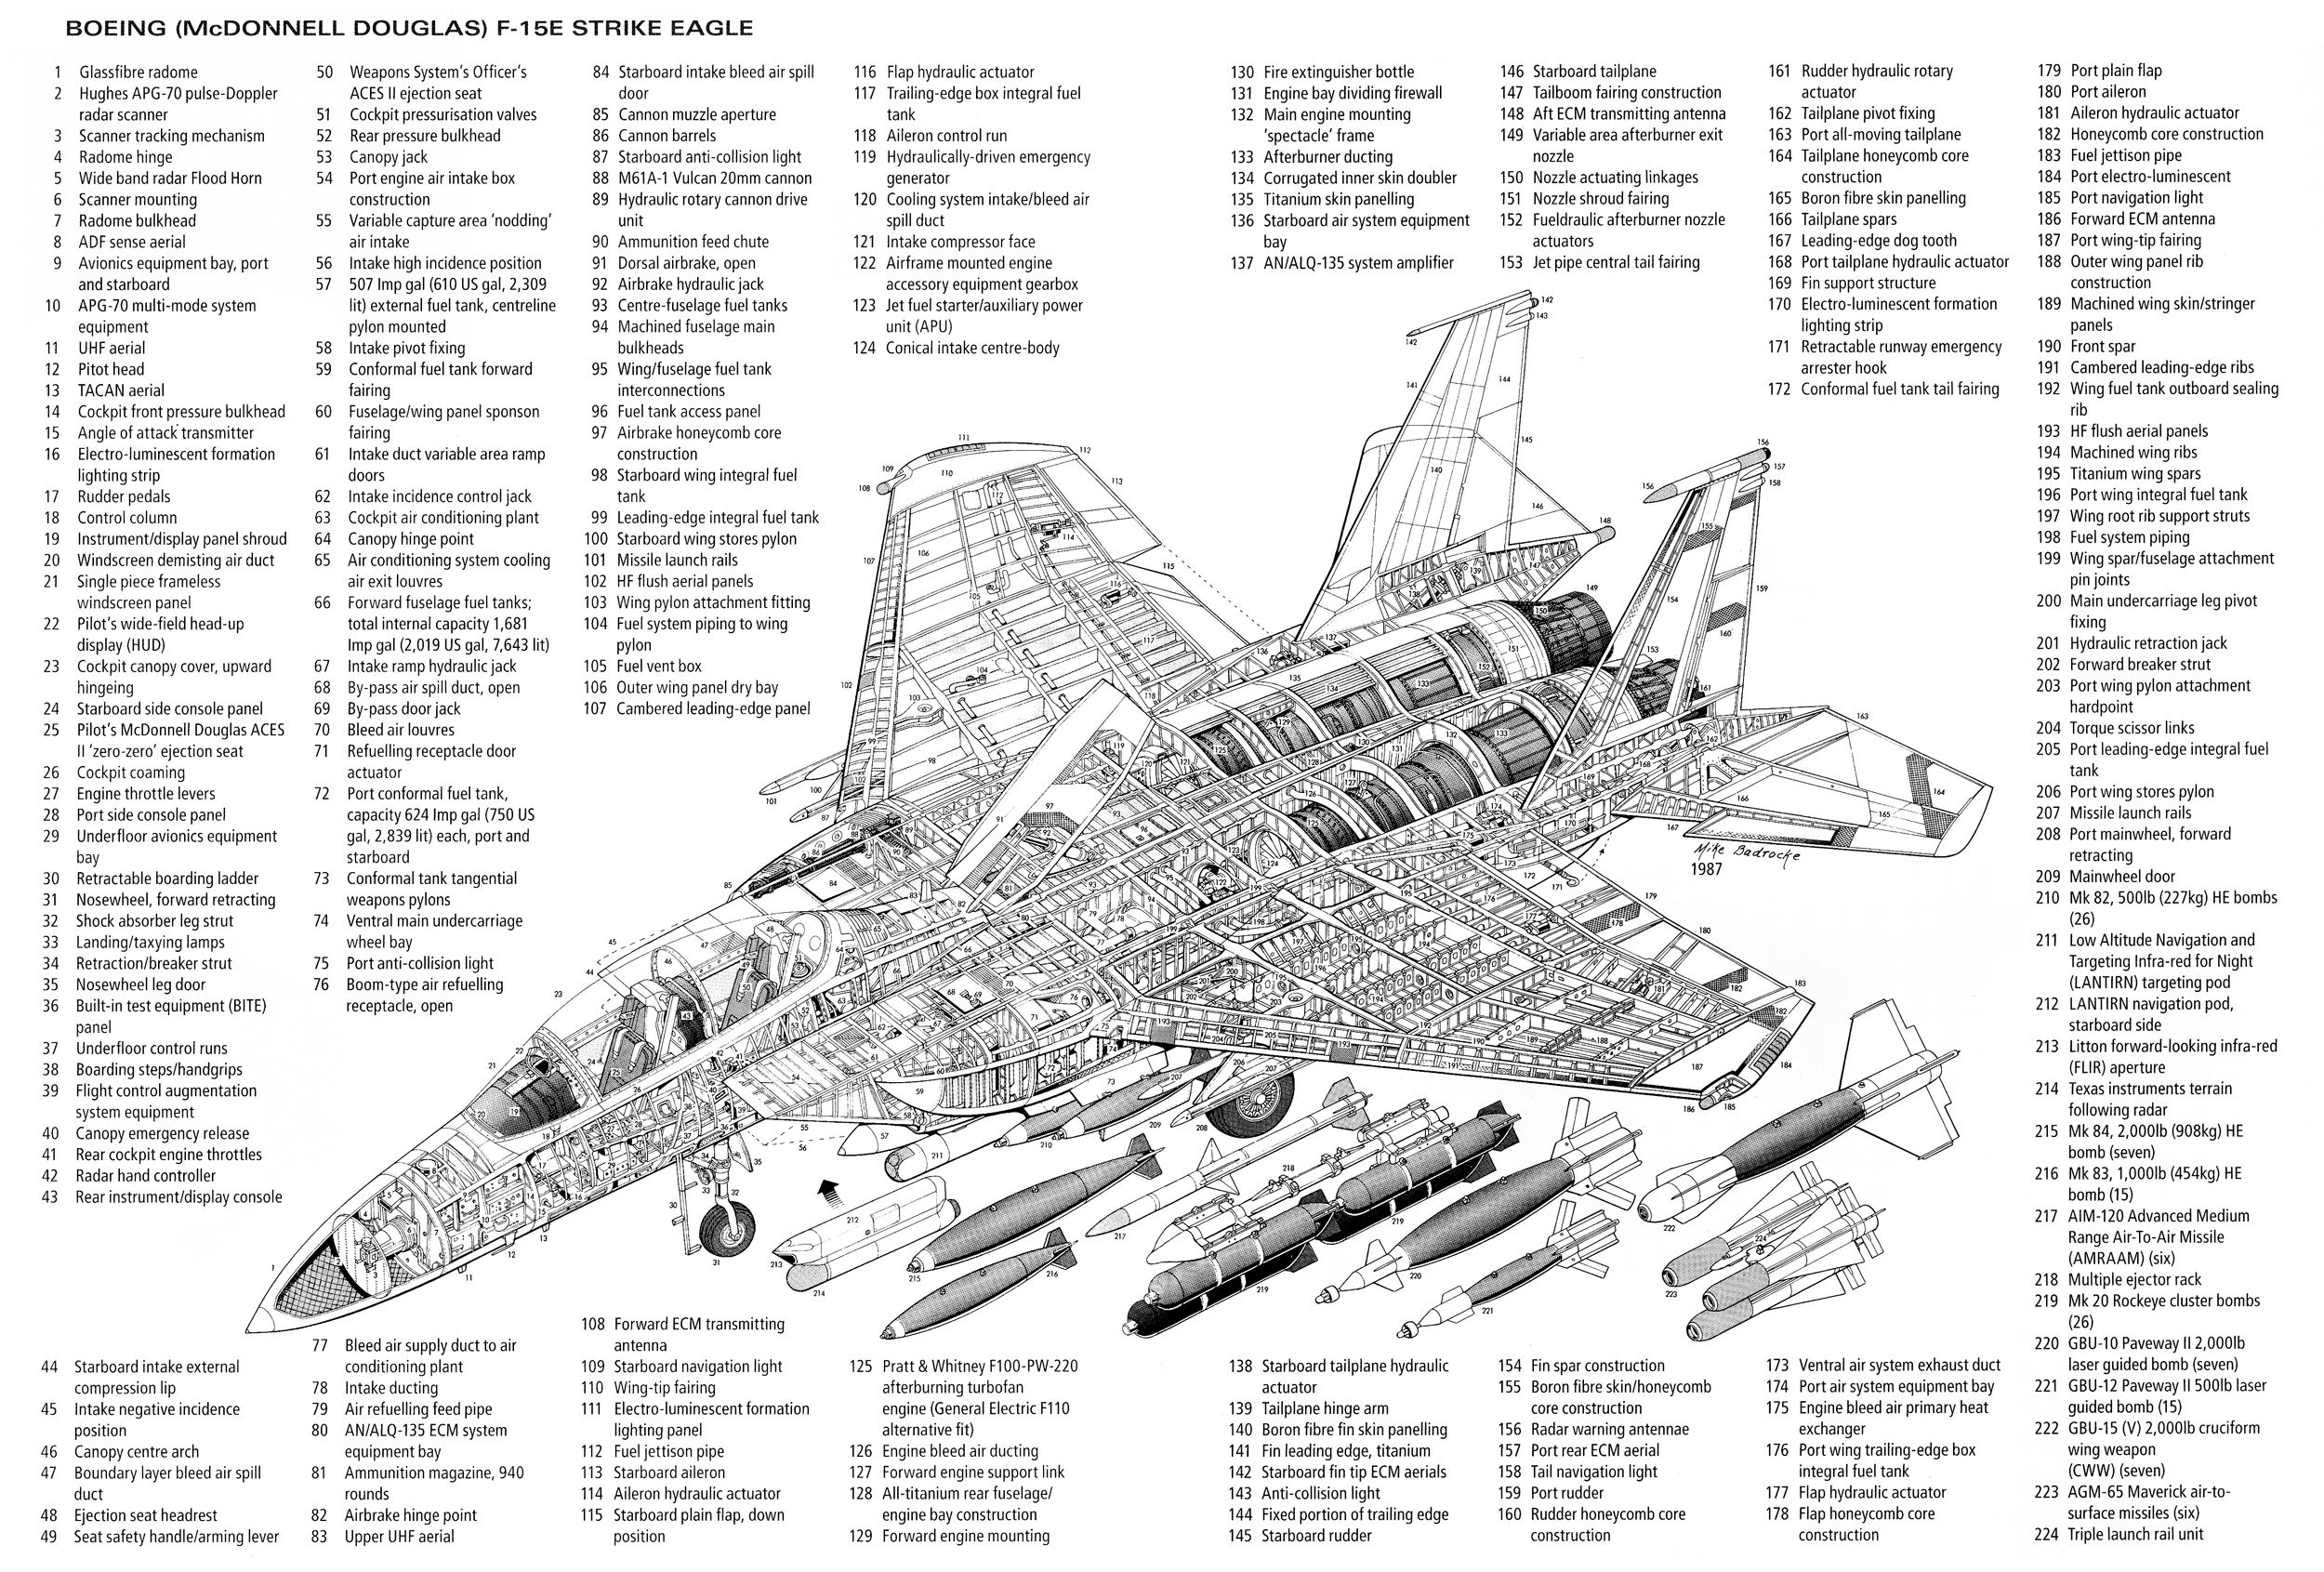 f 15 schematic – the wiring diagram, Schematic